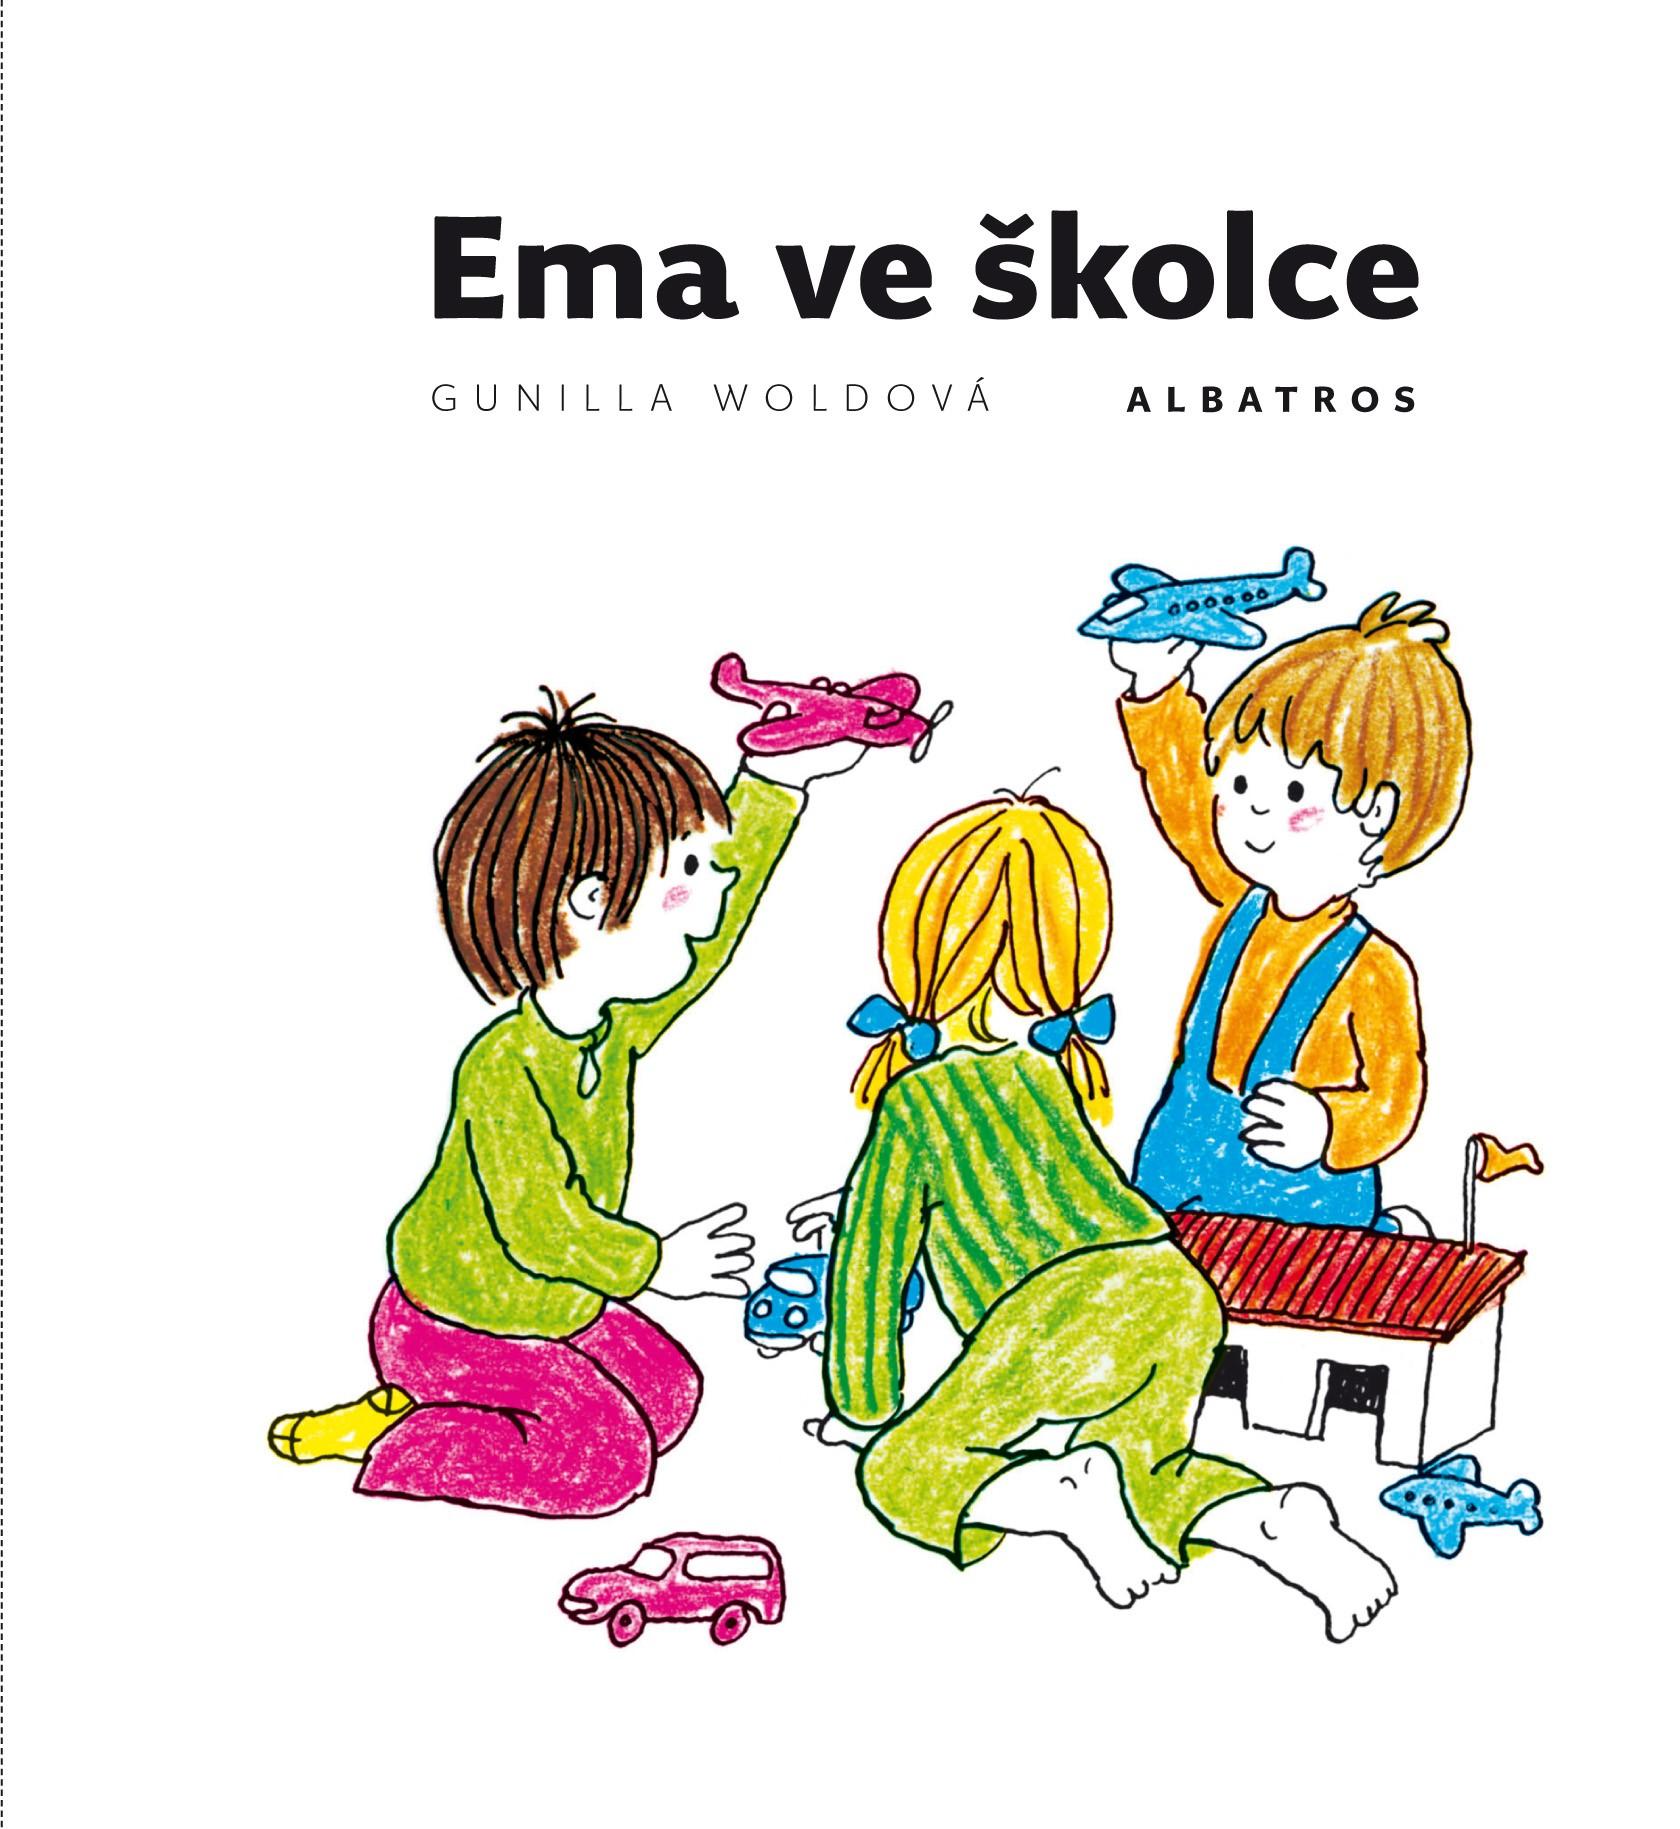 Ema ve školce   Gunilla Woldová, Gunilla Woldová